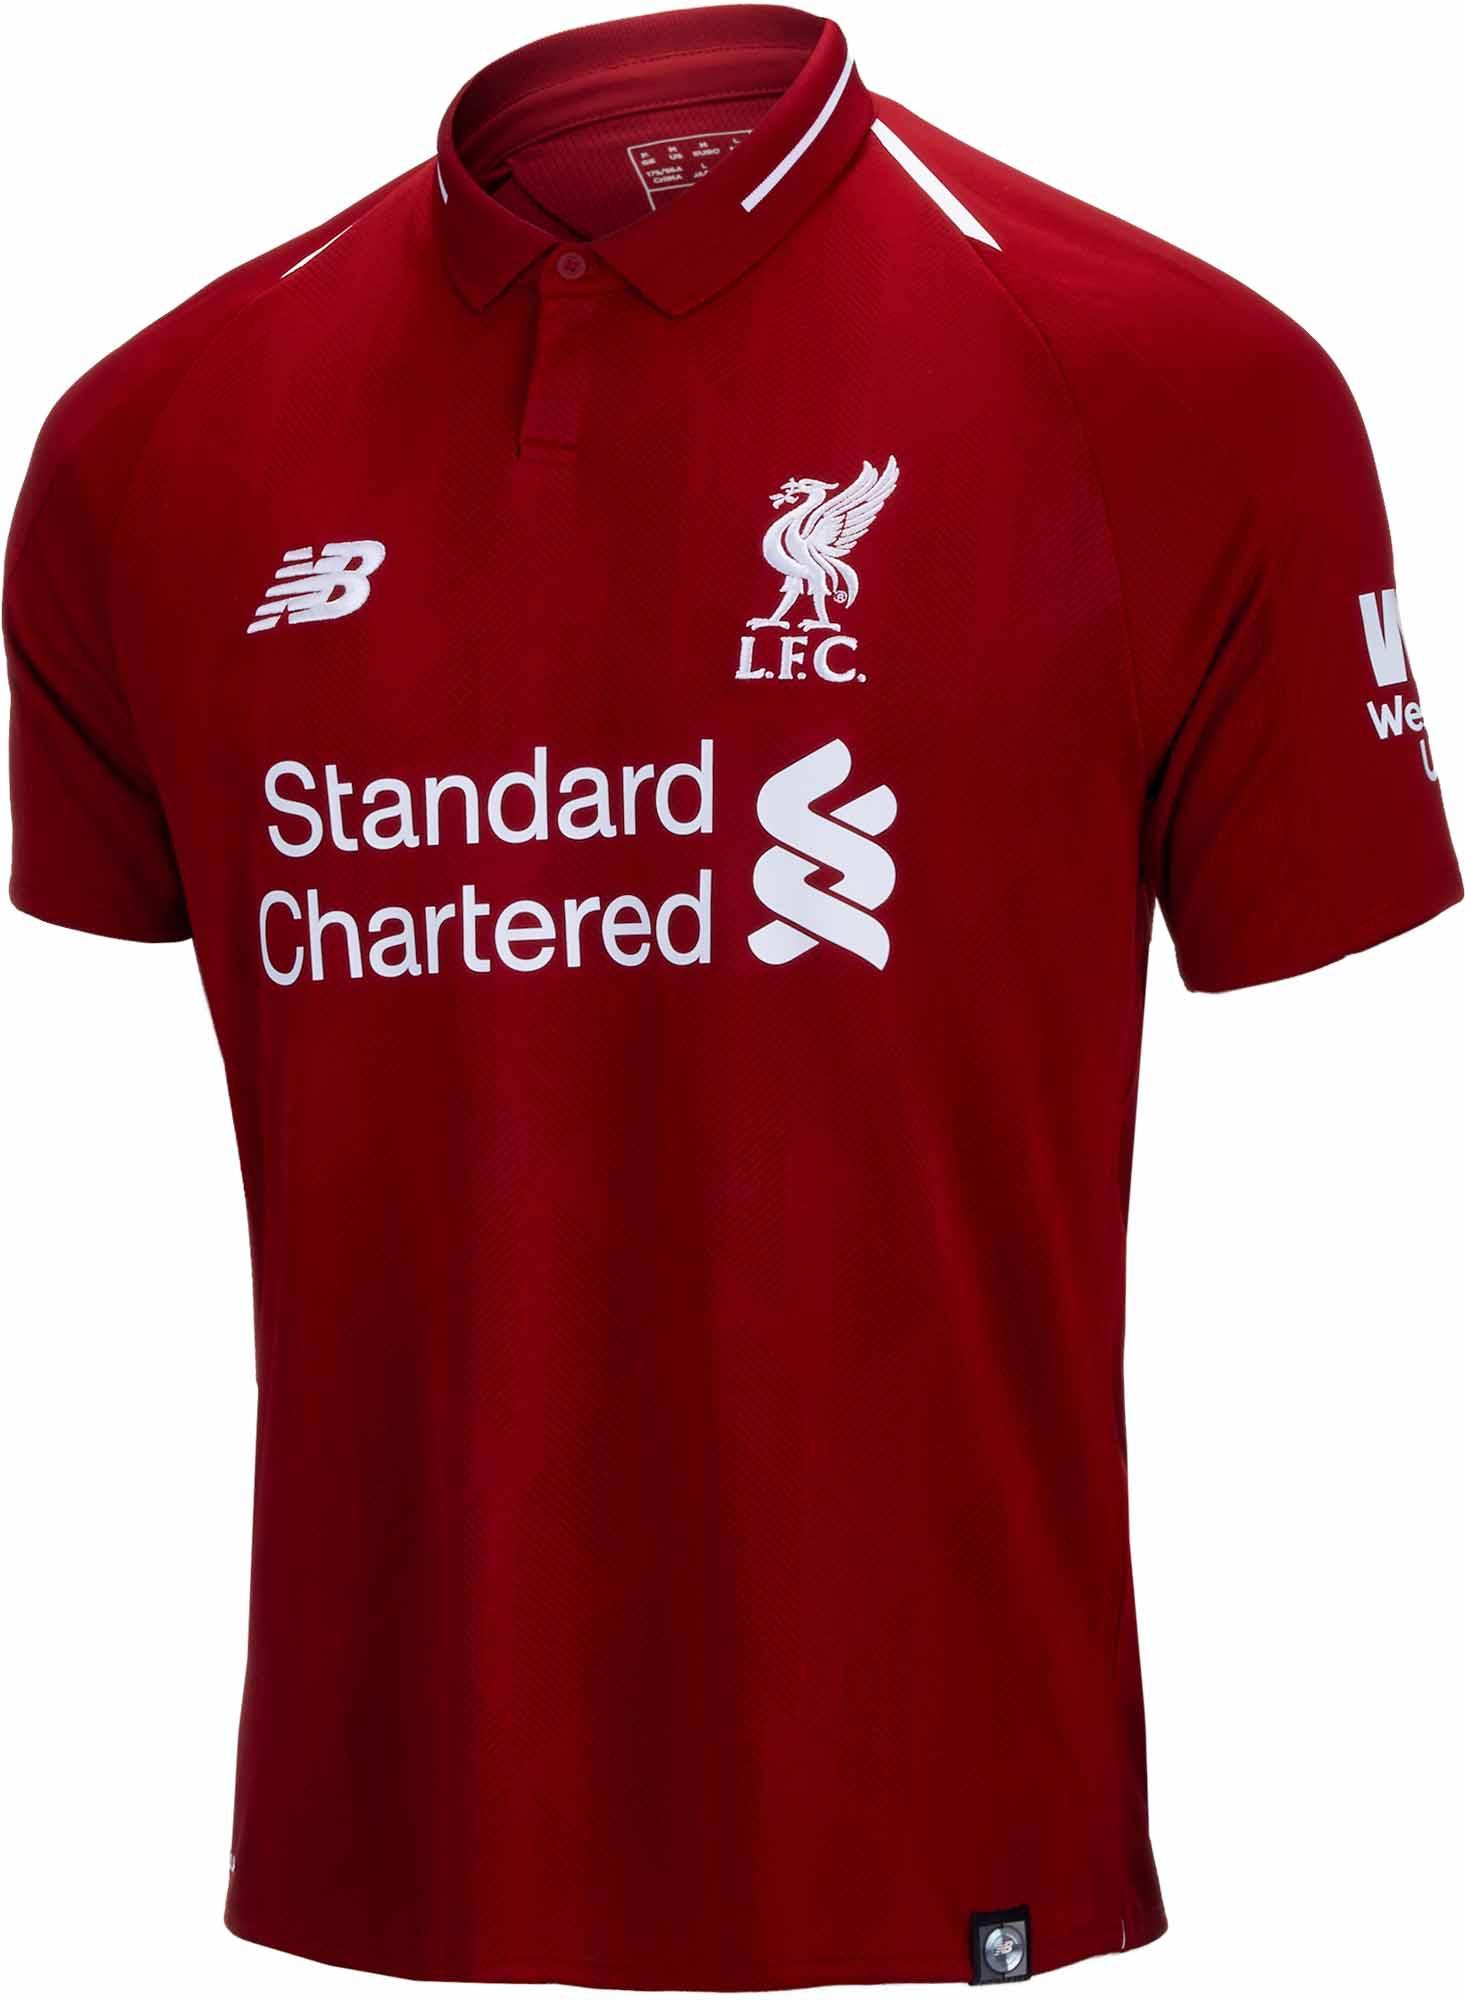 630d5b33e 2018 19 New Balance Liverpool Home Jersey - Soccer Master